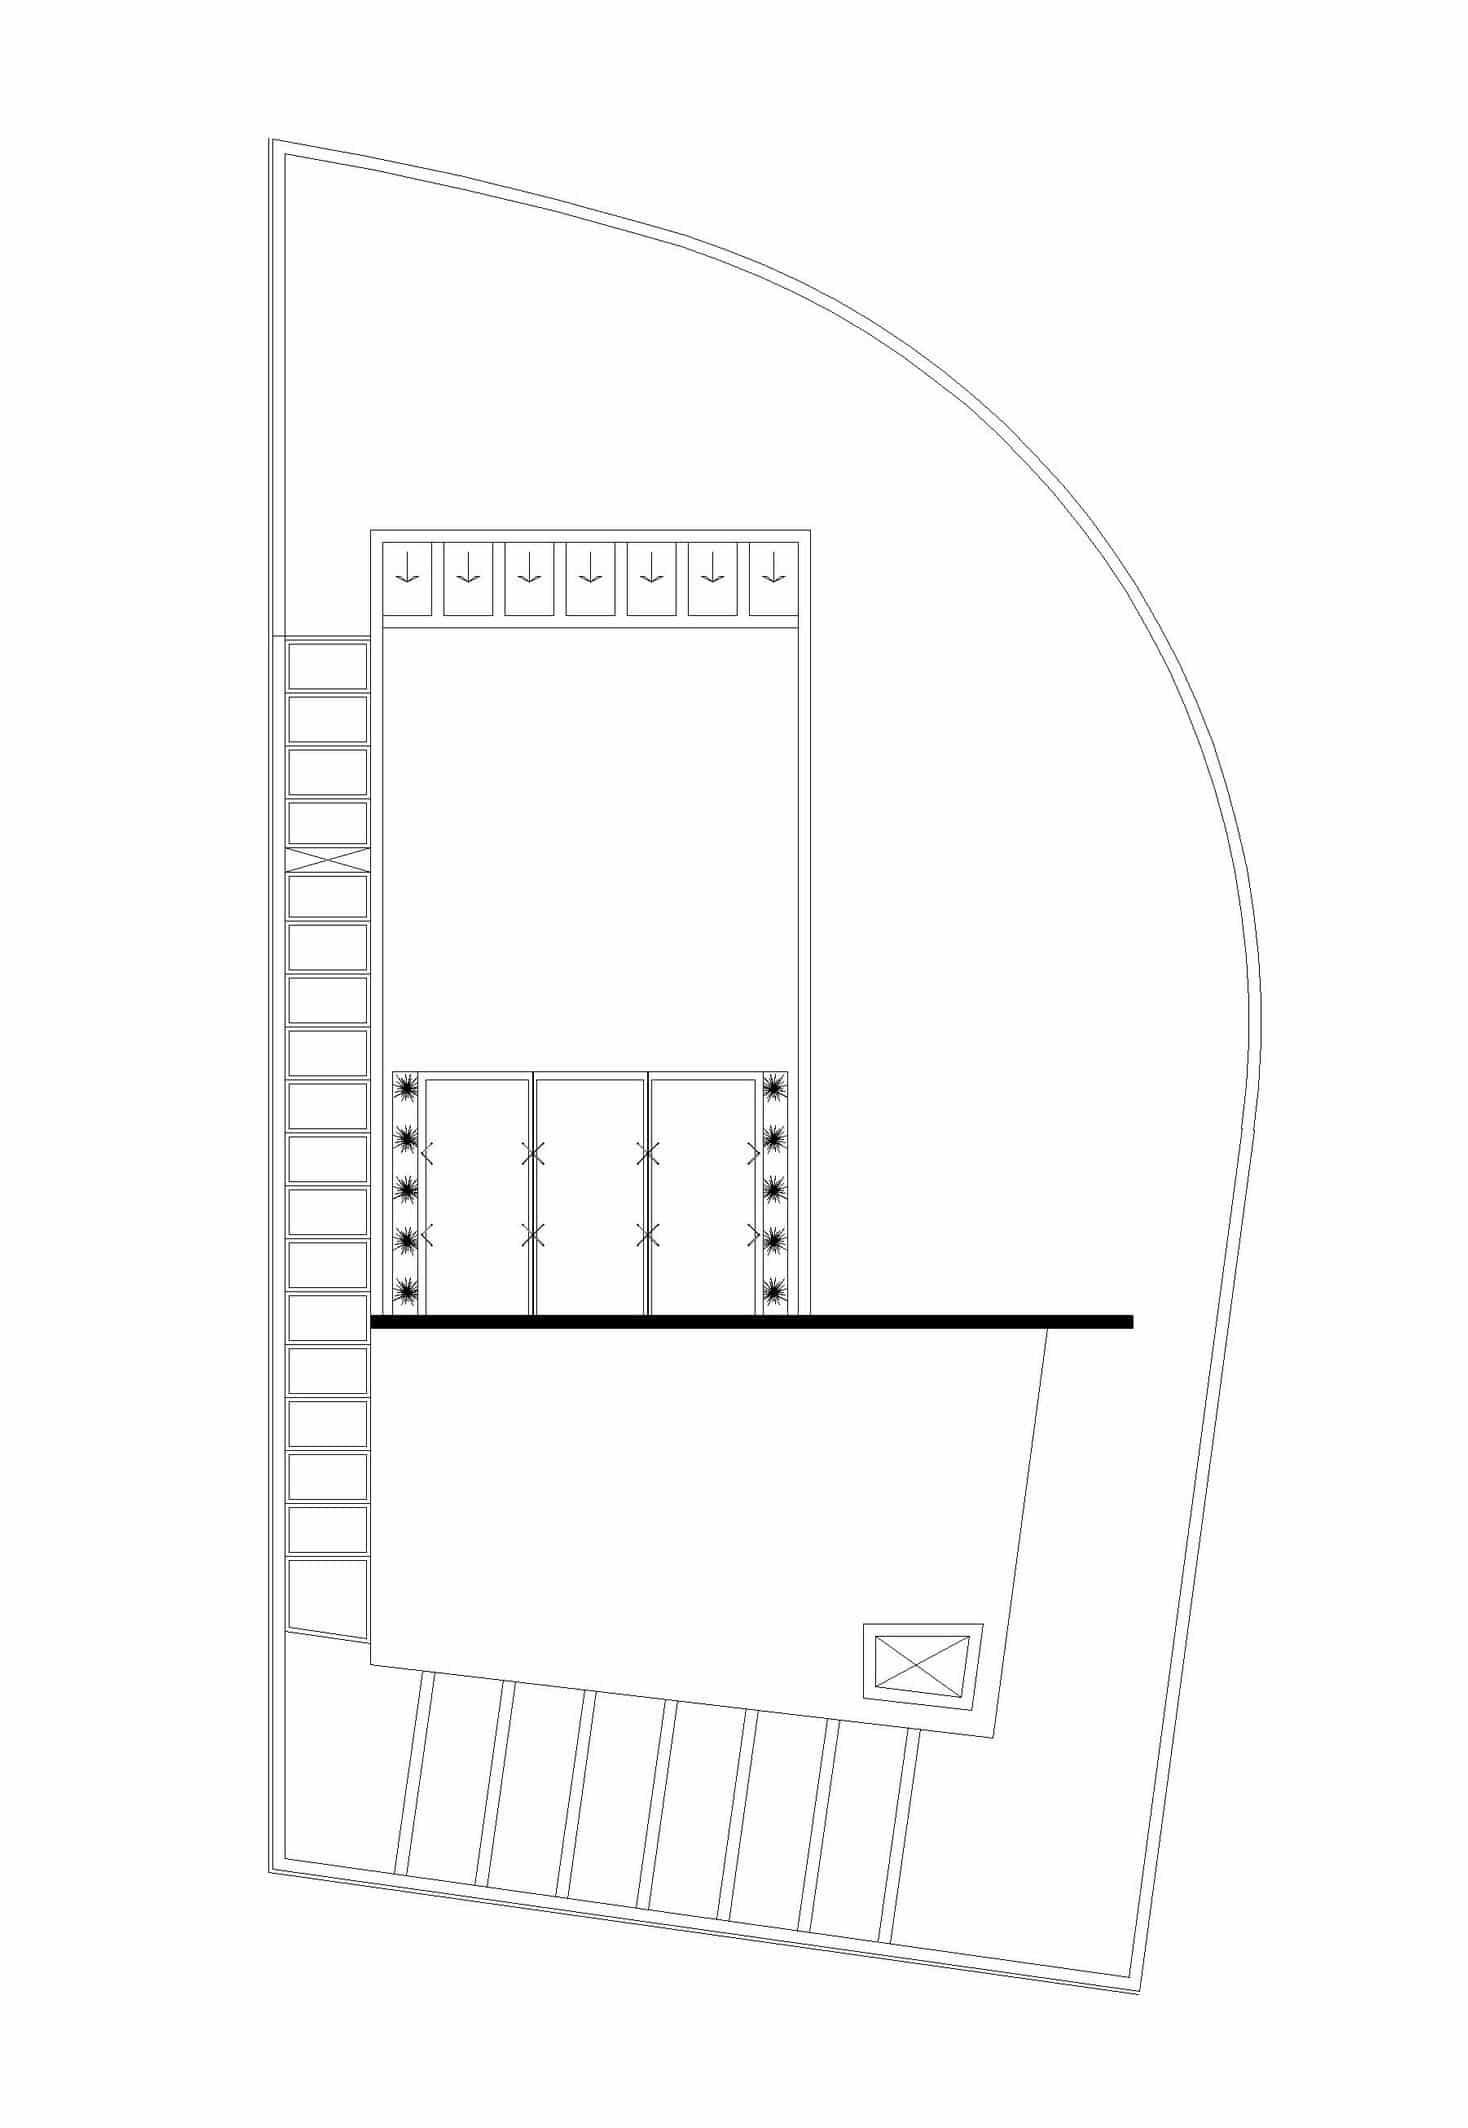 Planos de casas de dos pisos con tres dormitorios youtube for Planos de casas youtube